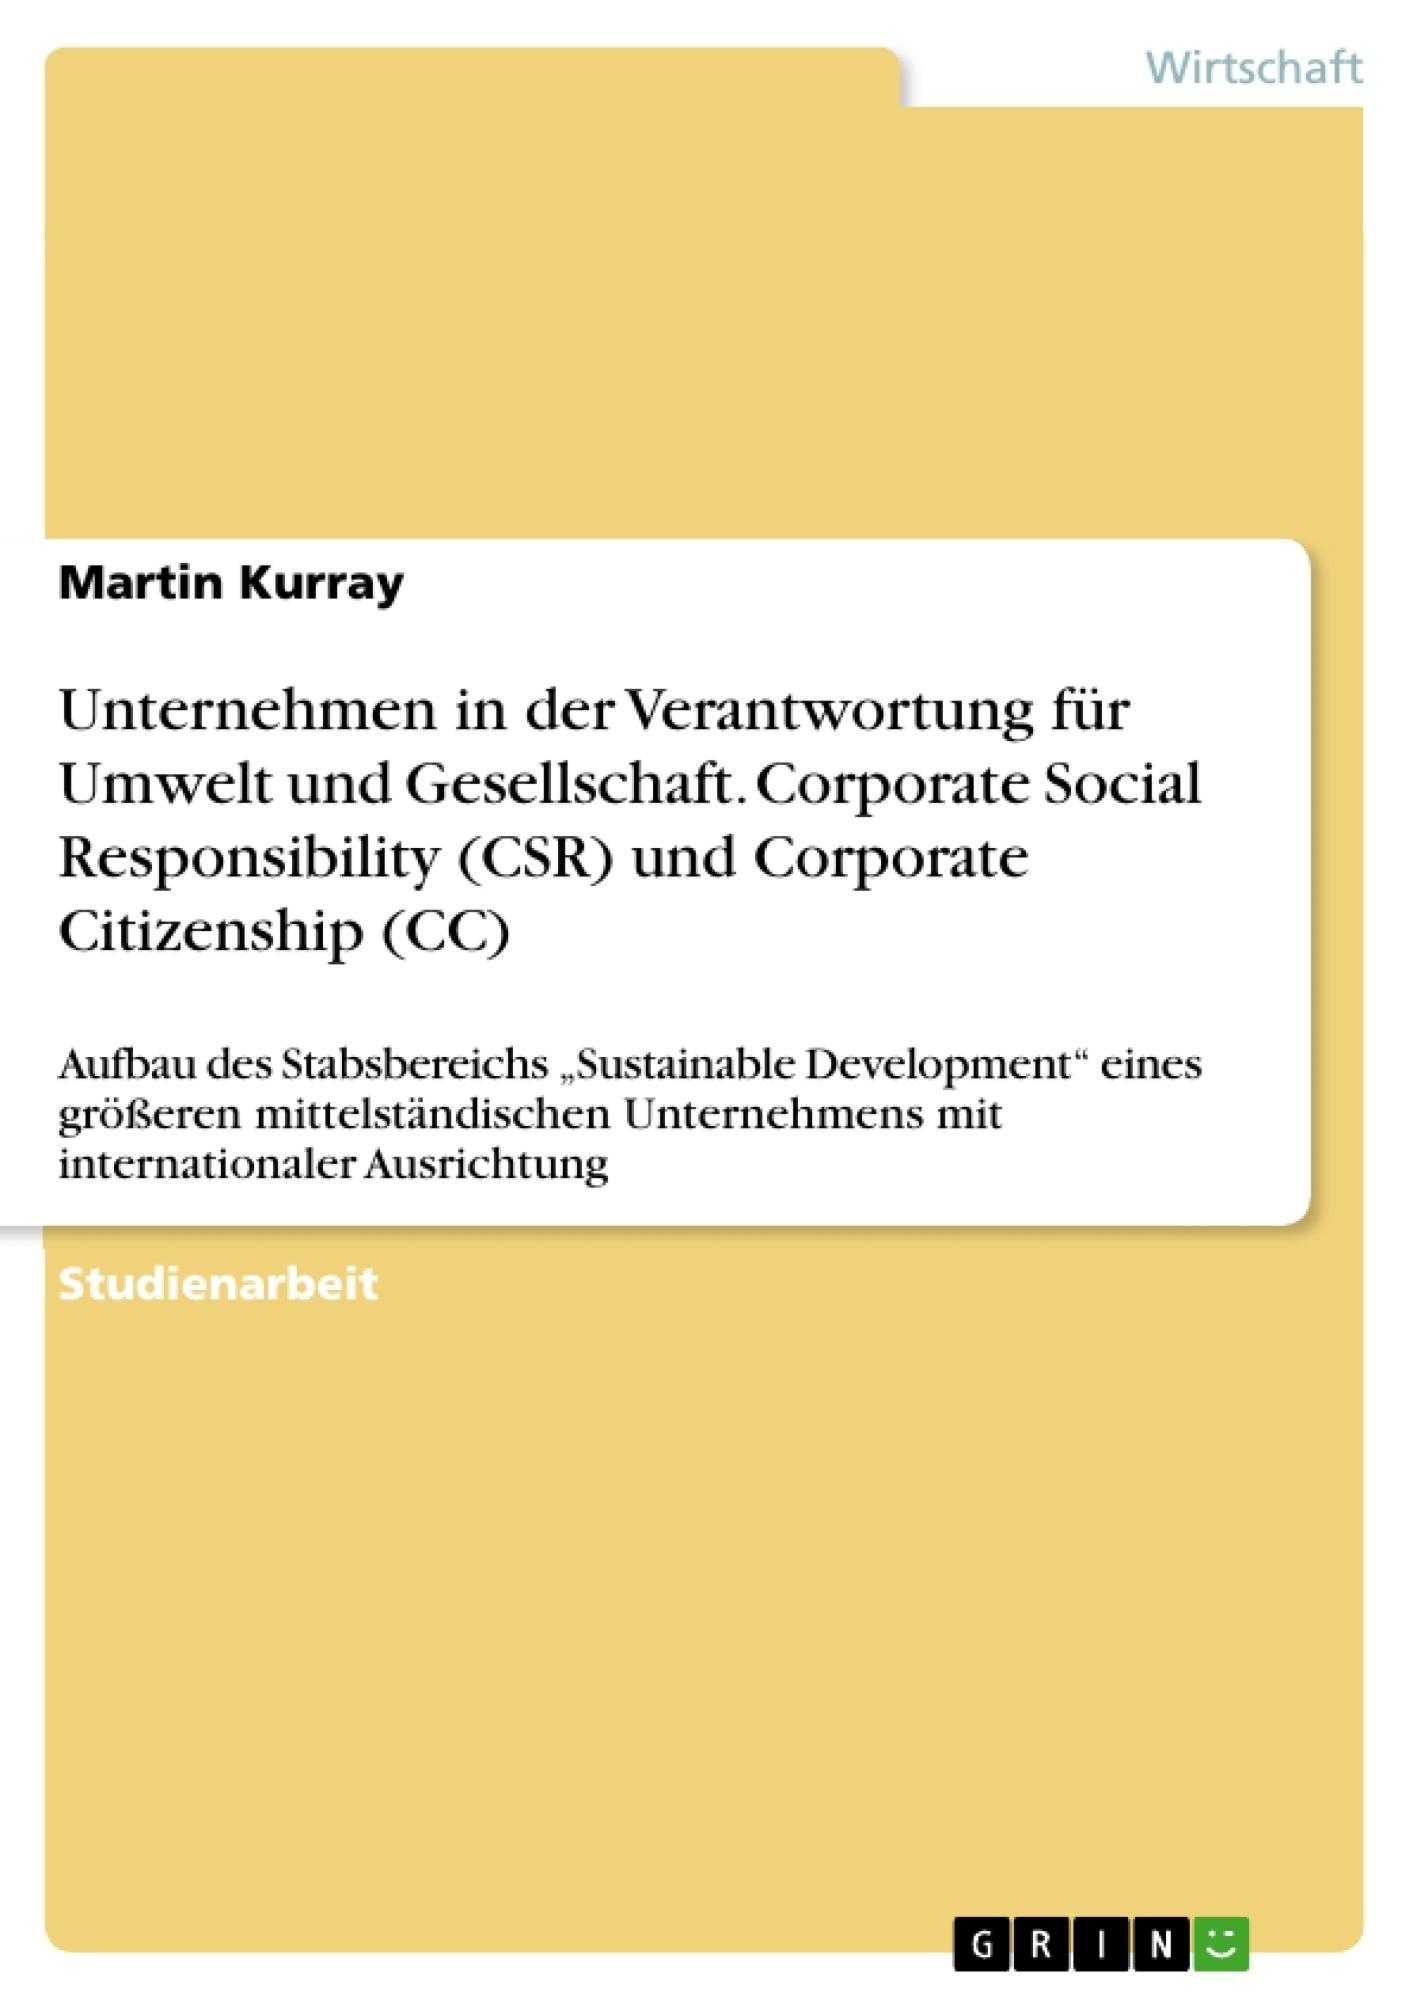 Unternehmen in der Verantwortung für Umwelt und Gesellschaft ...